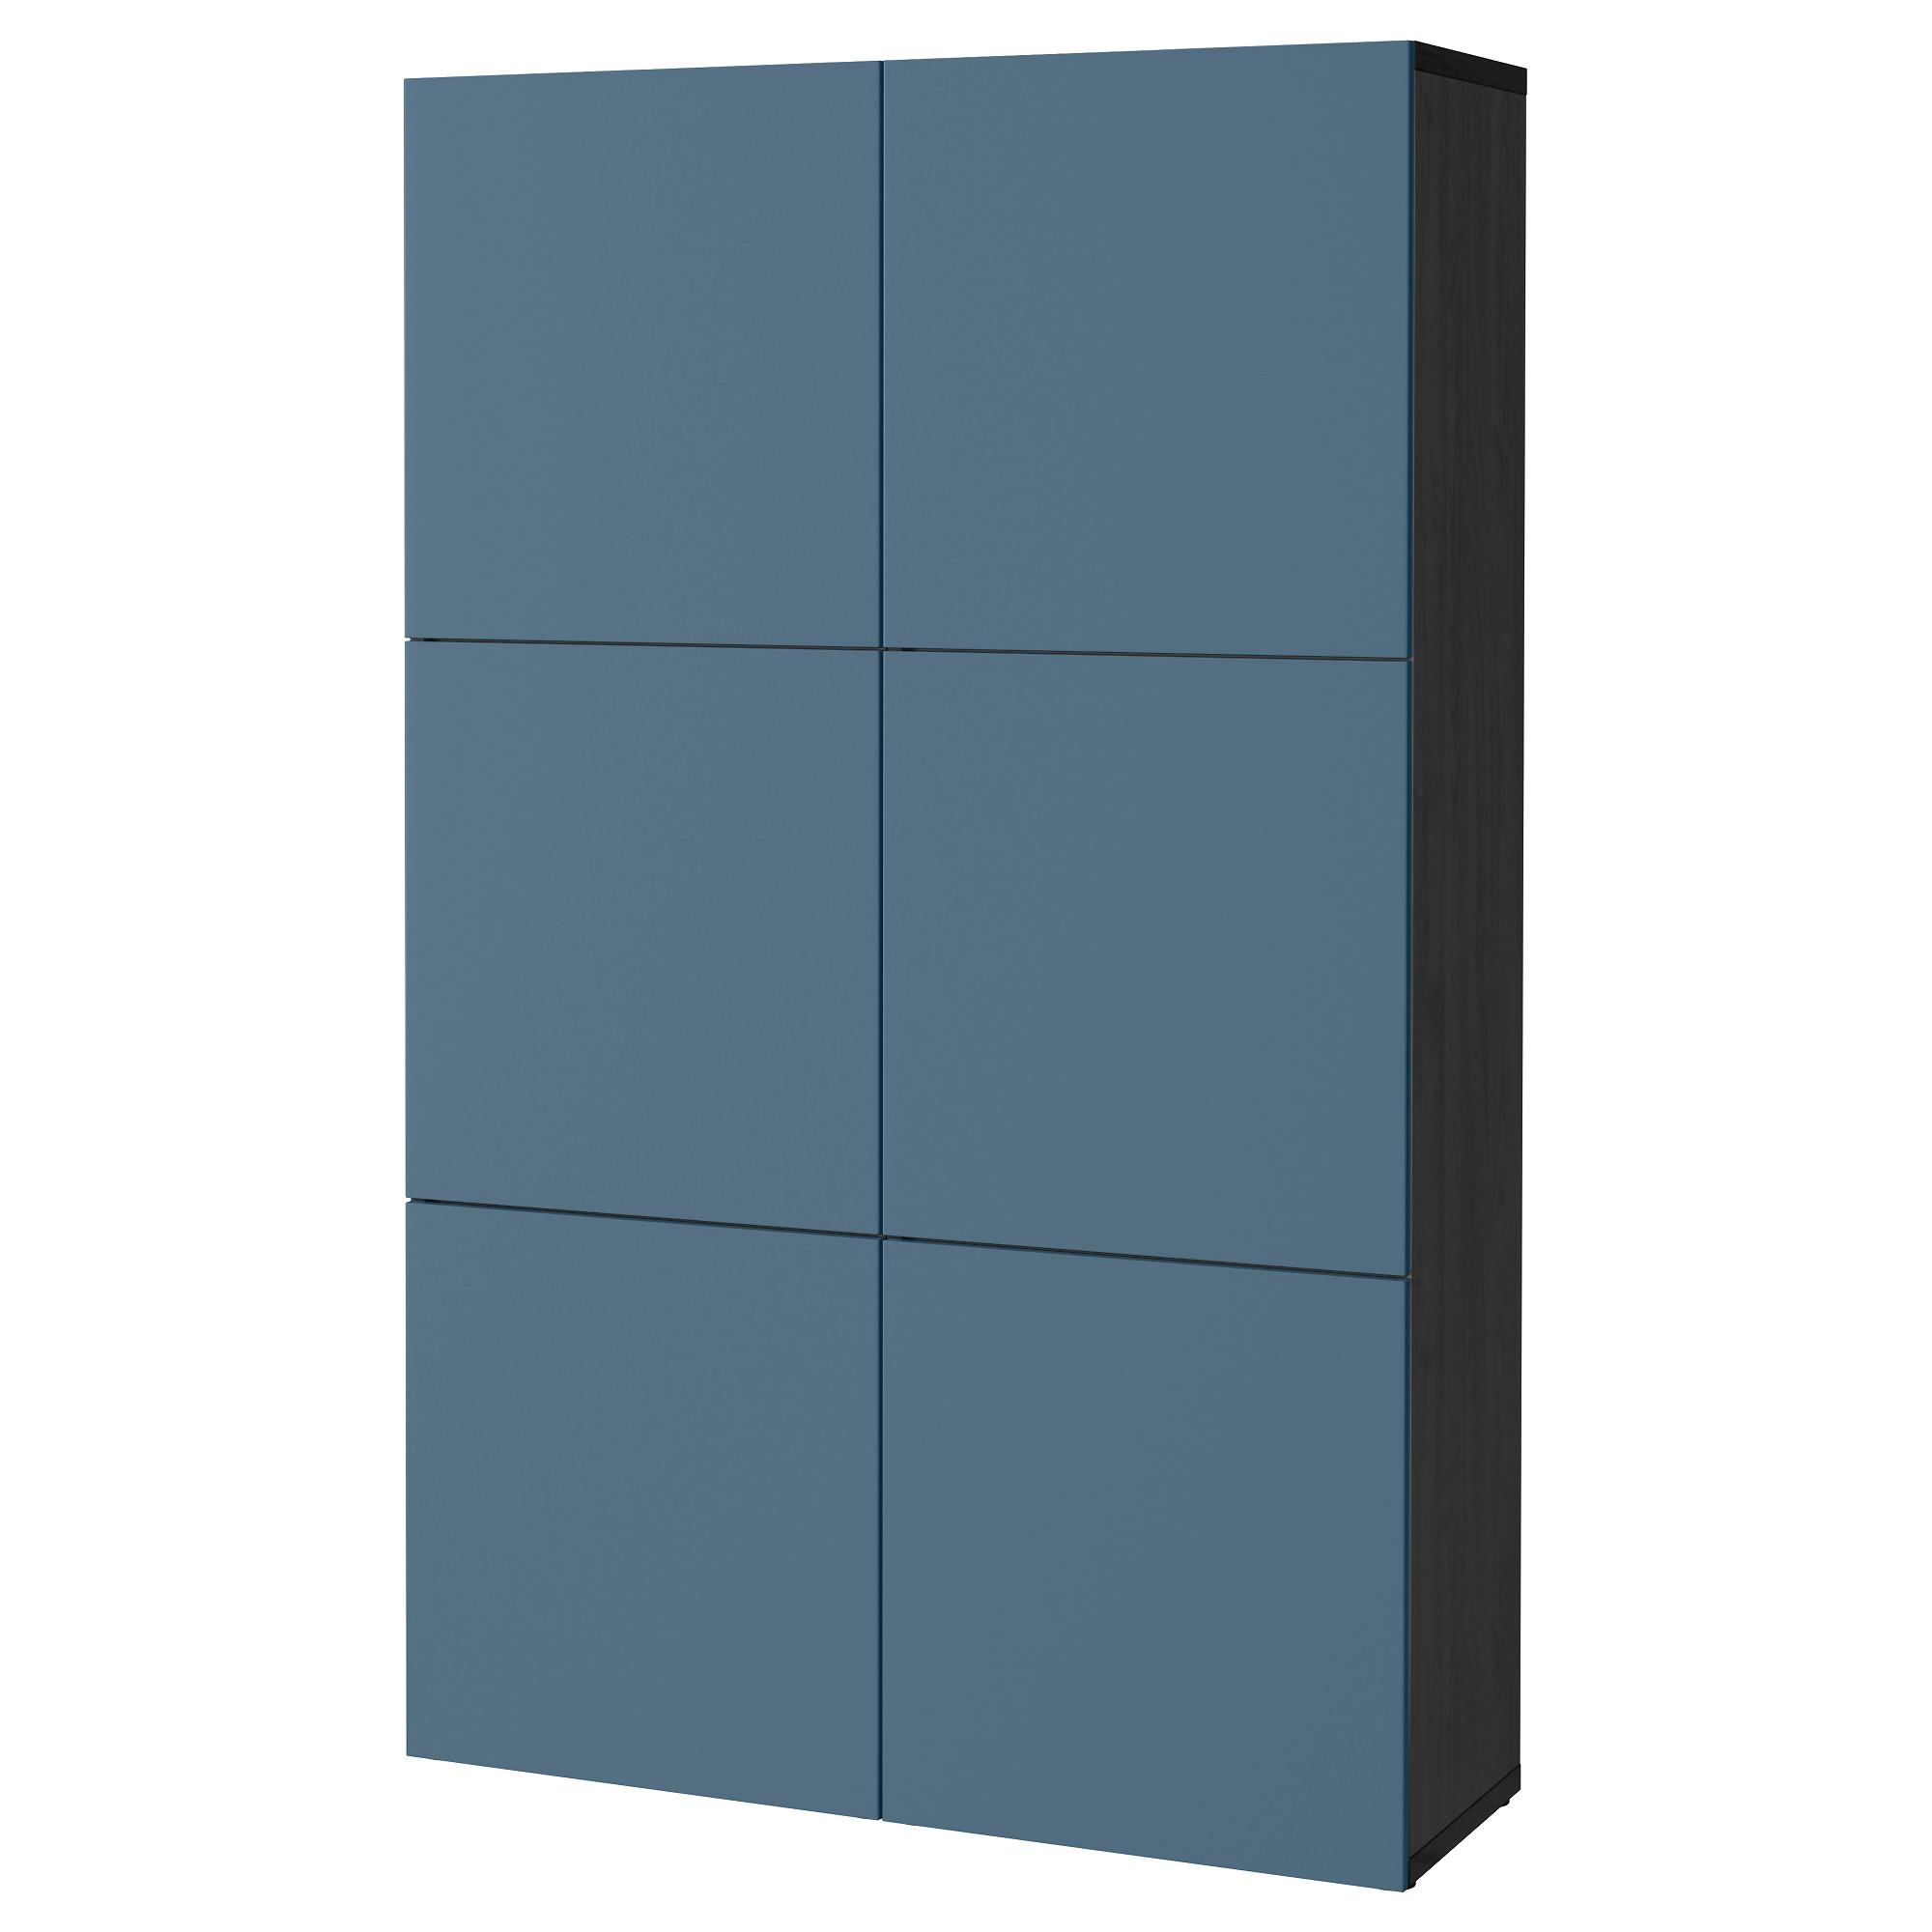 Комбинация для хранения с дверцами БЕСТО темно-синий артикуль № 392.471.47 в наличии. Онлайн магазин ИКЕА РБ. Быстрая доставка и монтаж.